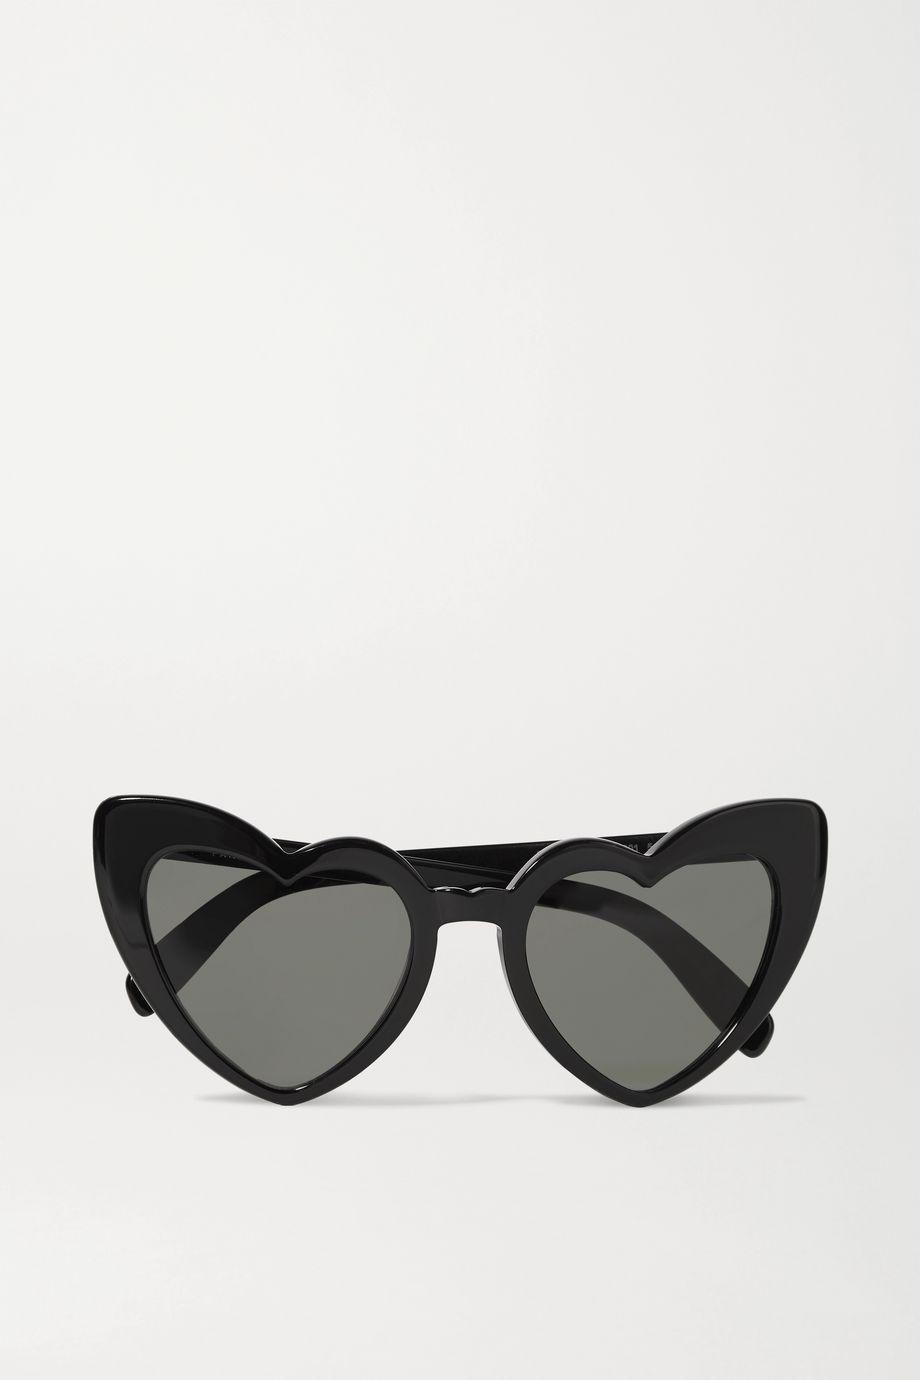 SAINT LAURENT Loulou Sonnenbrille mit herzförmigem Rahmen aus Azetat